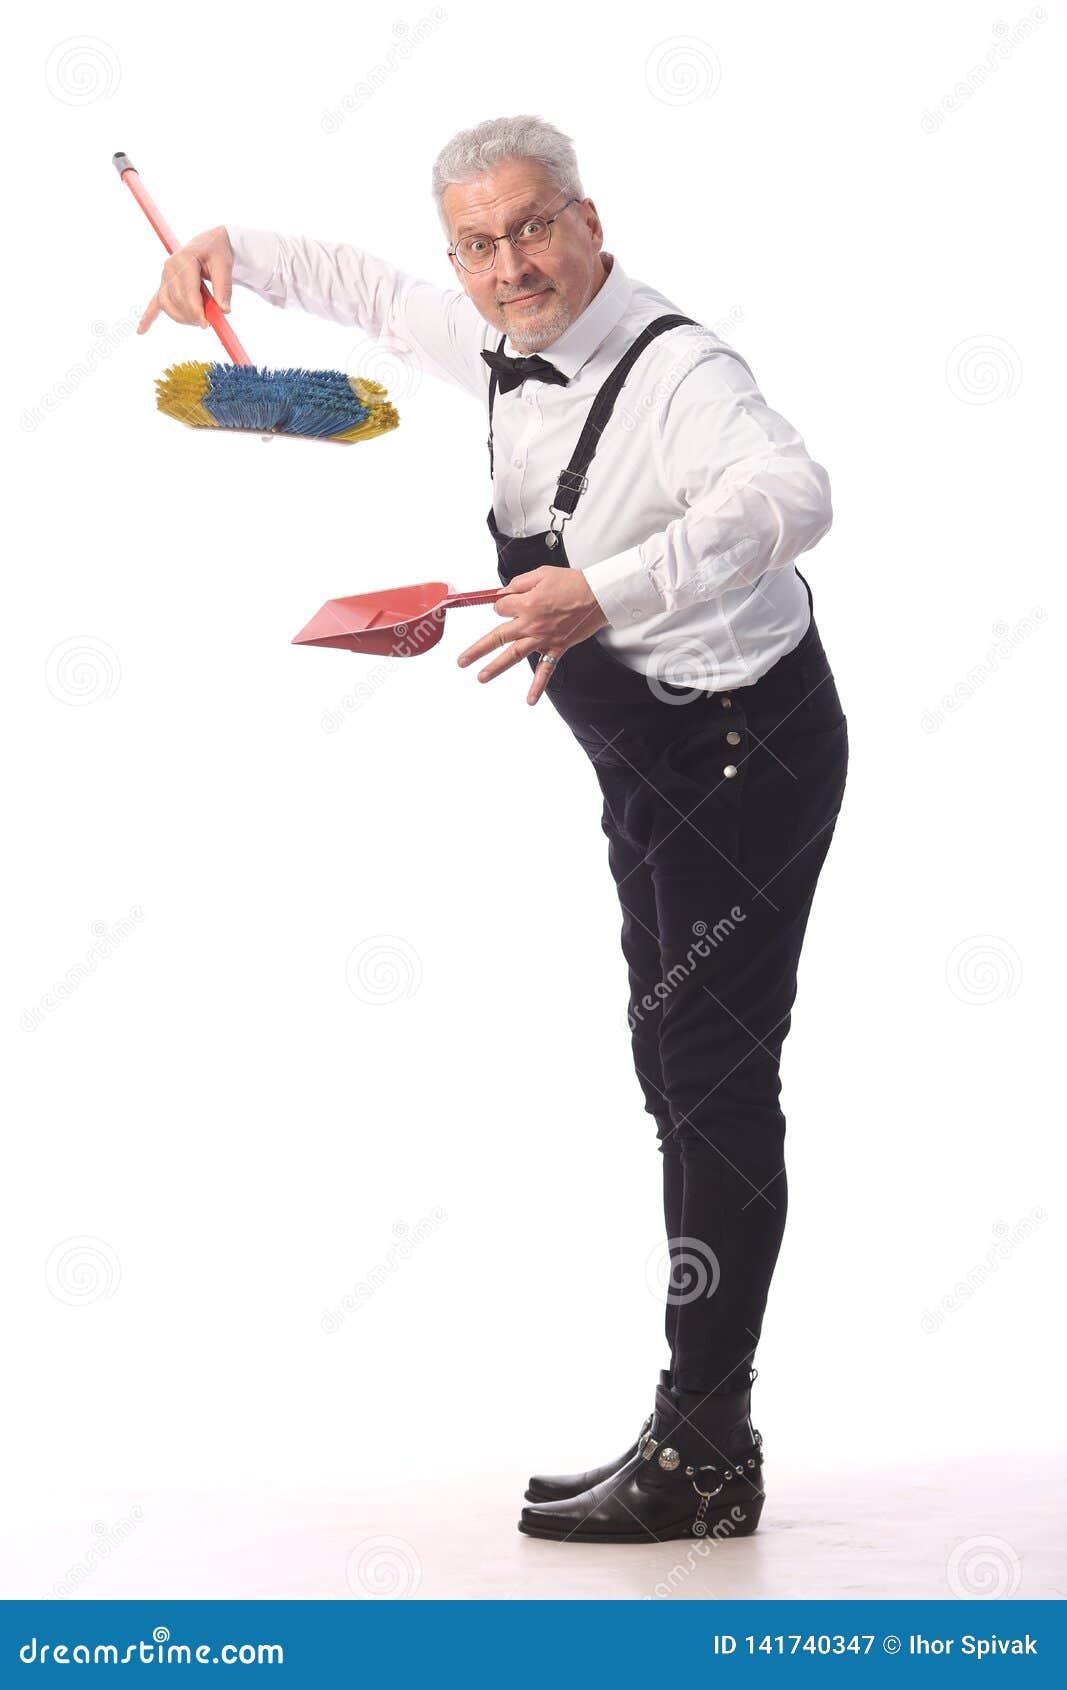 Grauhaariger Reiniger, Hausmeister in einem schwarzen Overall mit einem Mopp und Müllschippe erbringt Reinigungsdienstleistung, a